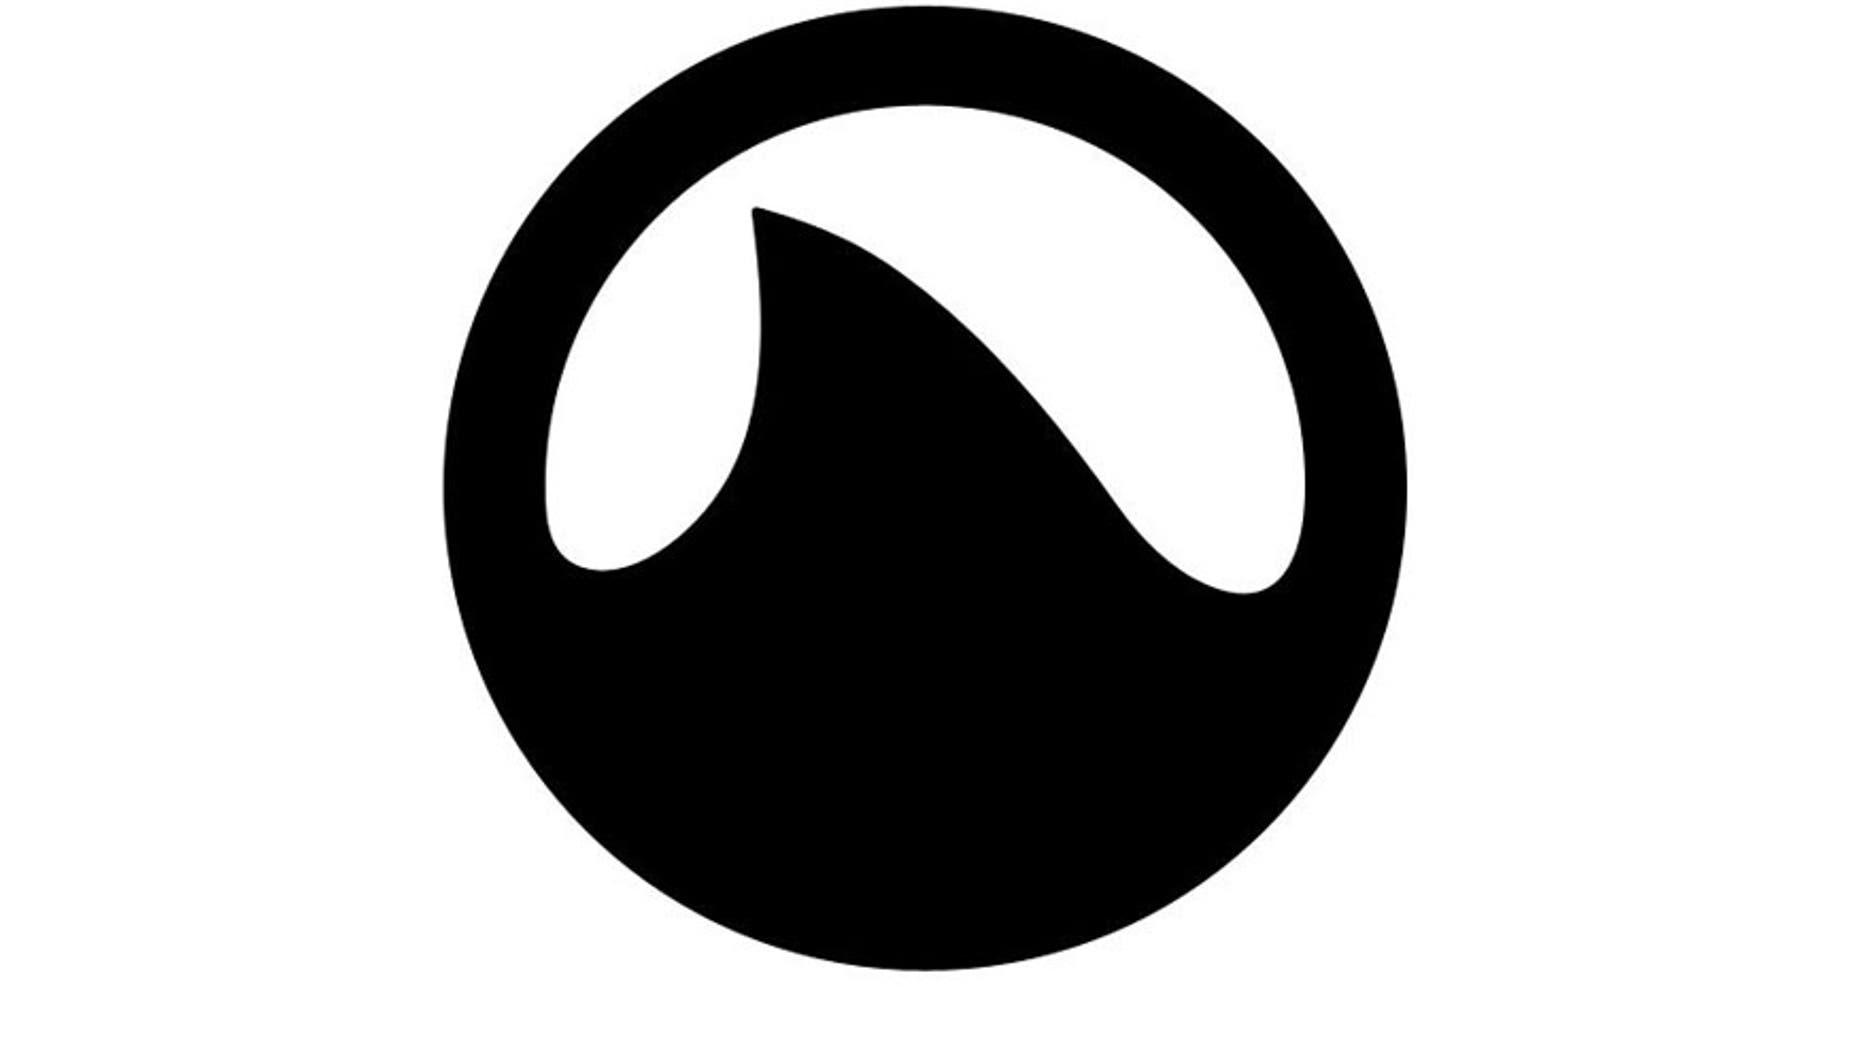 Grooveshark's logo